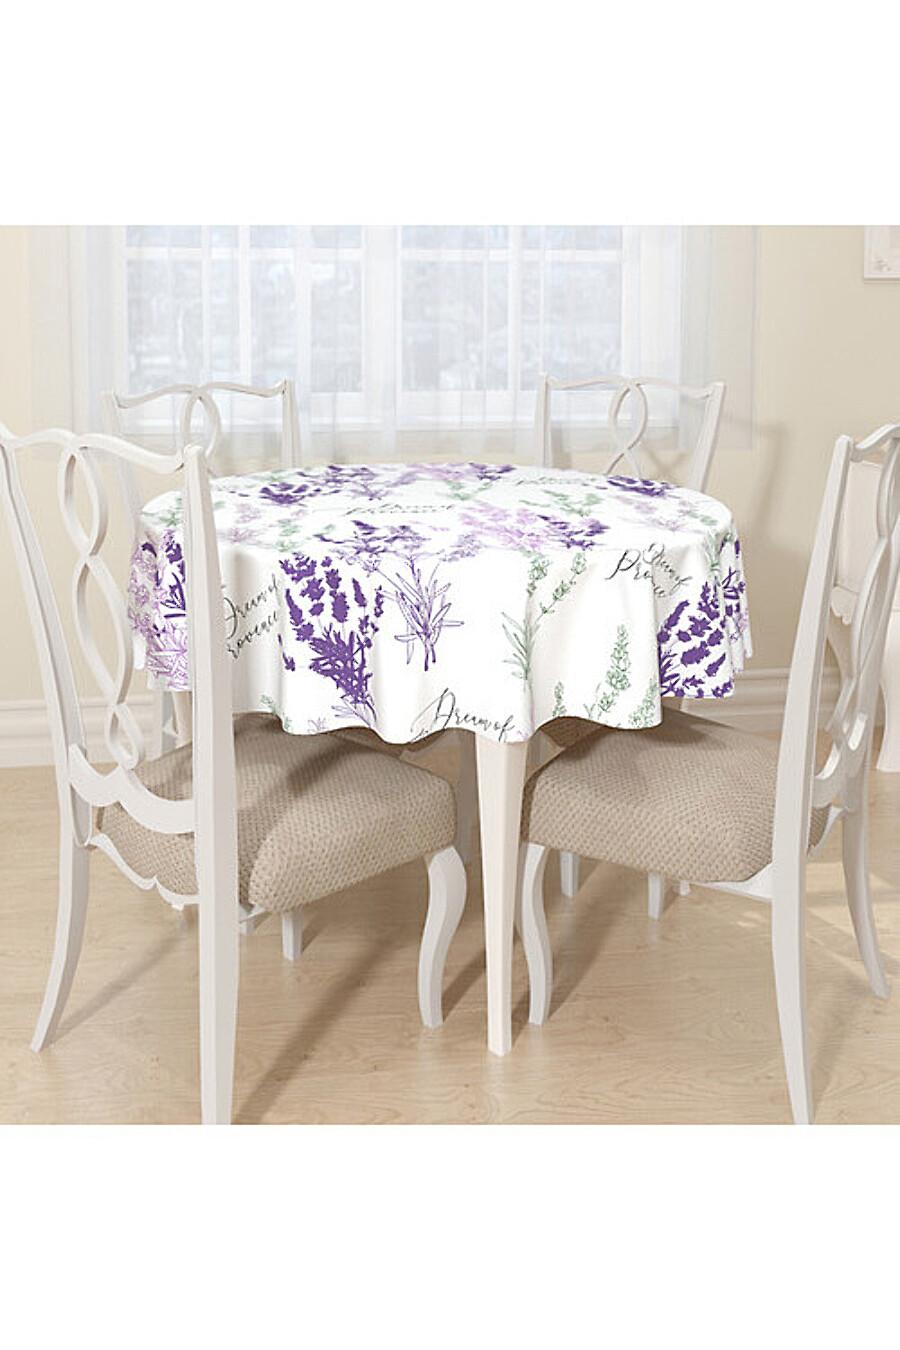 Скатерть для дома ART HOME TEXTILE 180223 купить оптом от производителя. Совместная покупка товаров для дома в OptMoyo